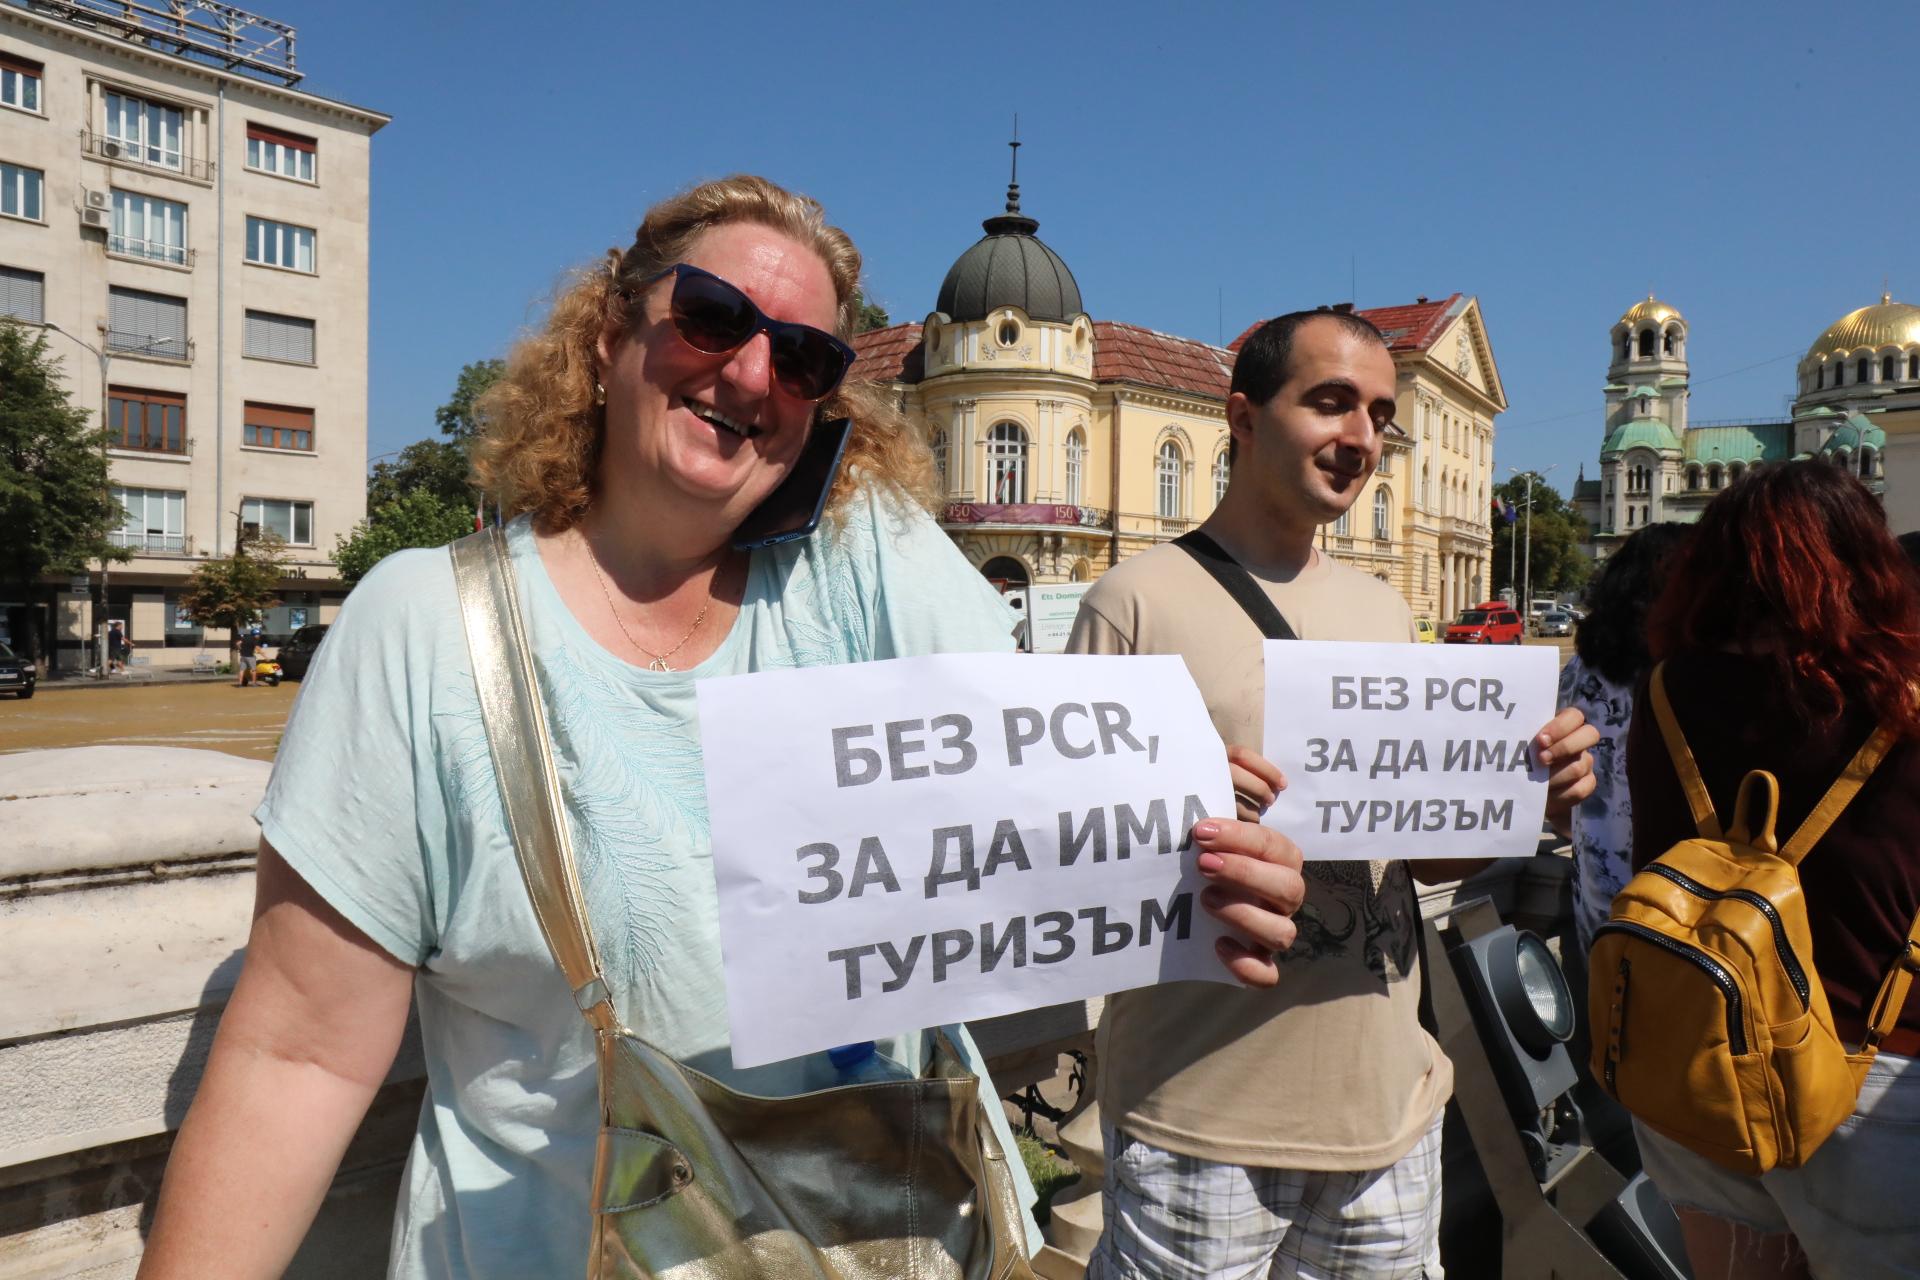 <p>Обединение &bdquo;Бъдеще за туризма&ldquo; организира митинг пред Народното събрание</p>